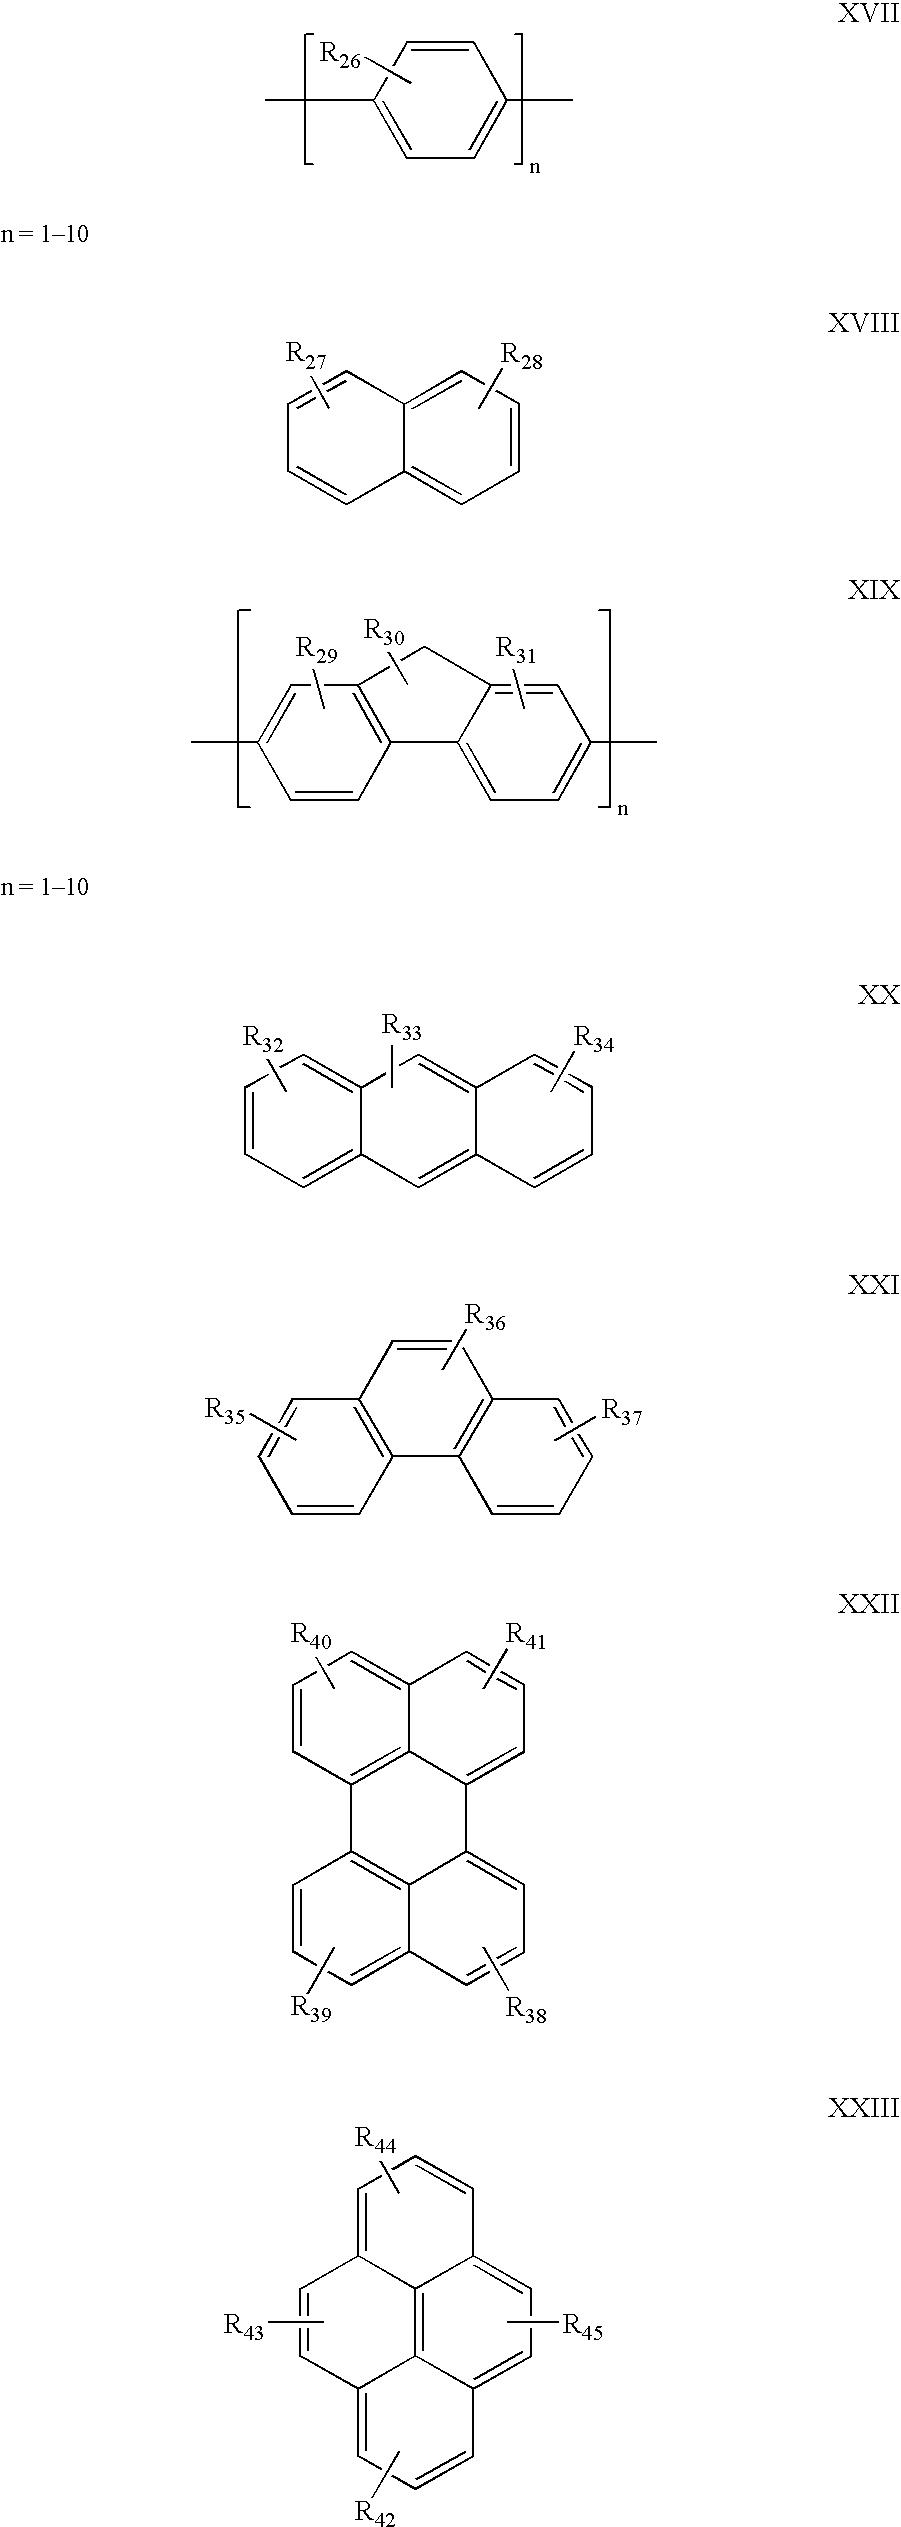 Figure US20050025993A1-20050203-C00014